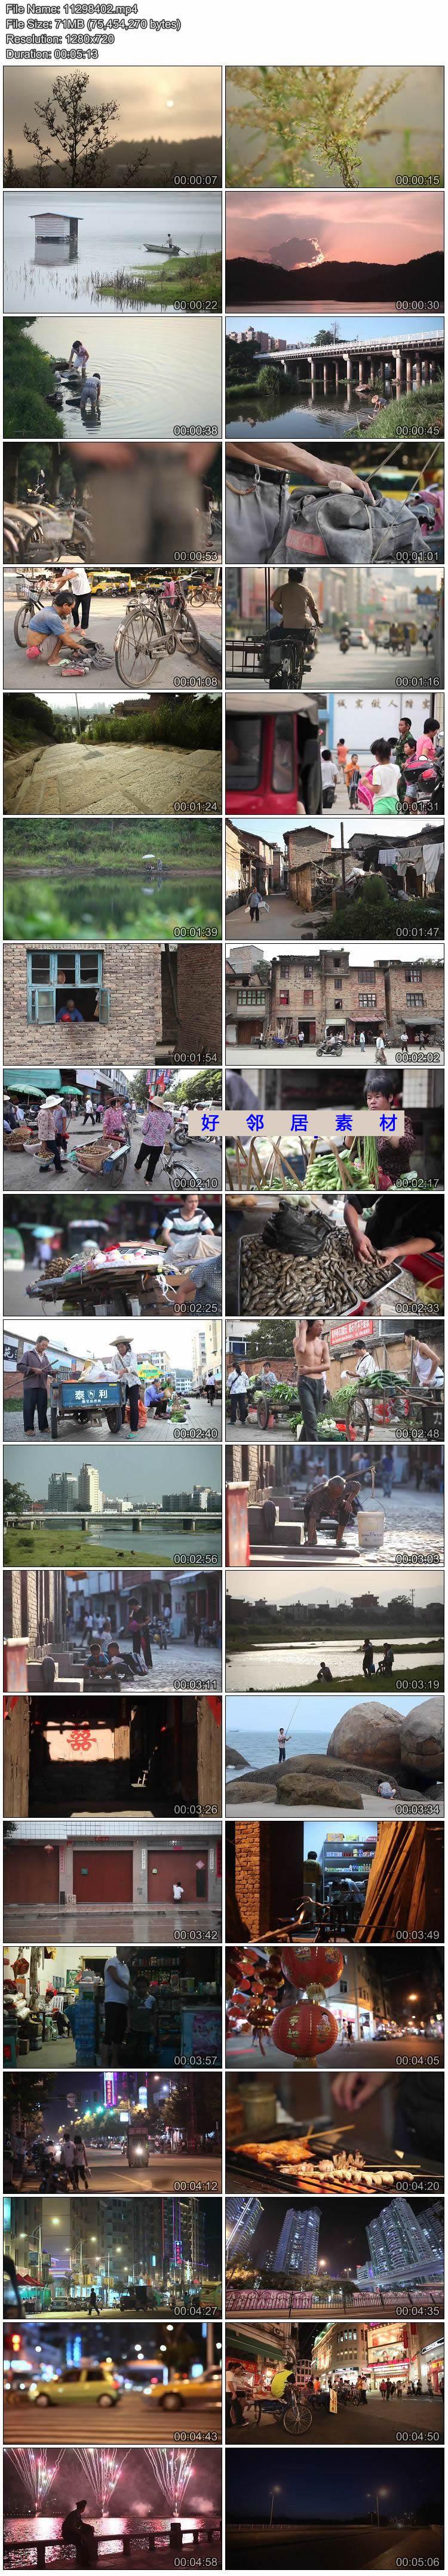 福建农村城市生活岸边洗衣瓜果蔬菜担水烧烤烟花高清实拍视频素材